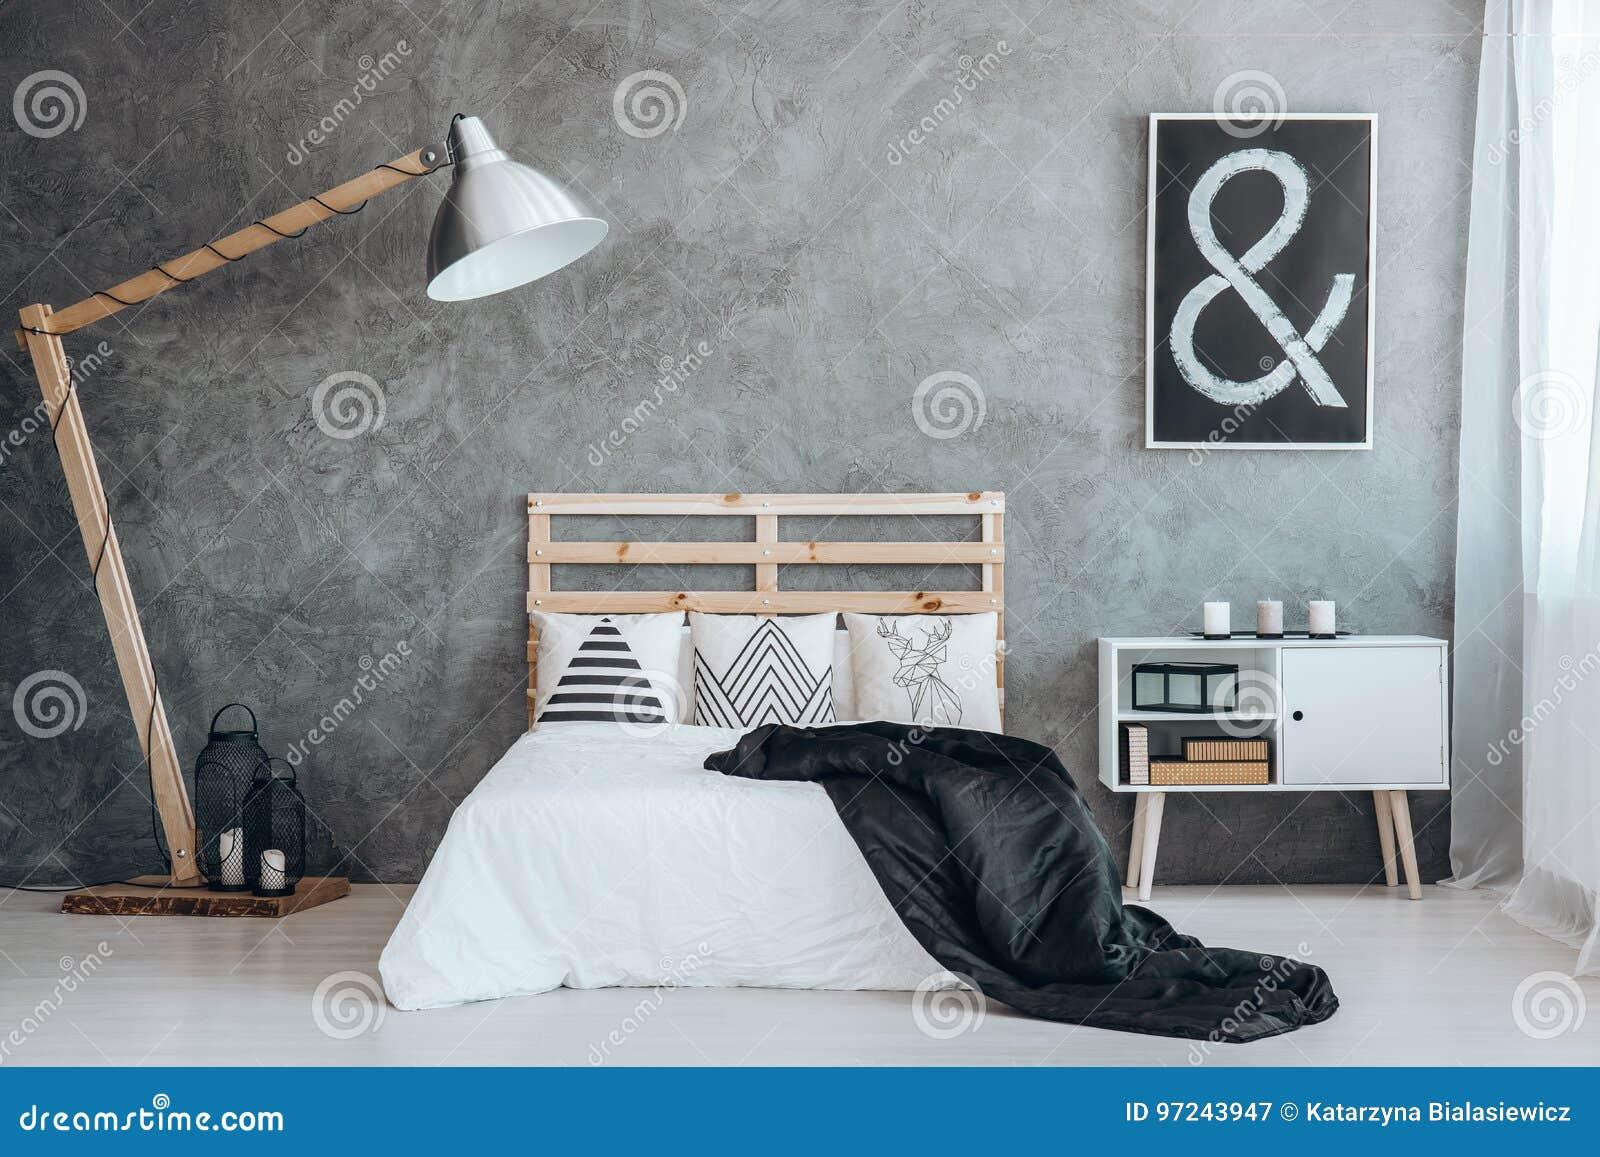 Im Großformat Bett Im Schlafzimmer Stockbild - Bild von kerze ...